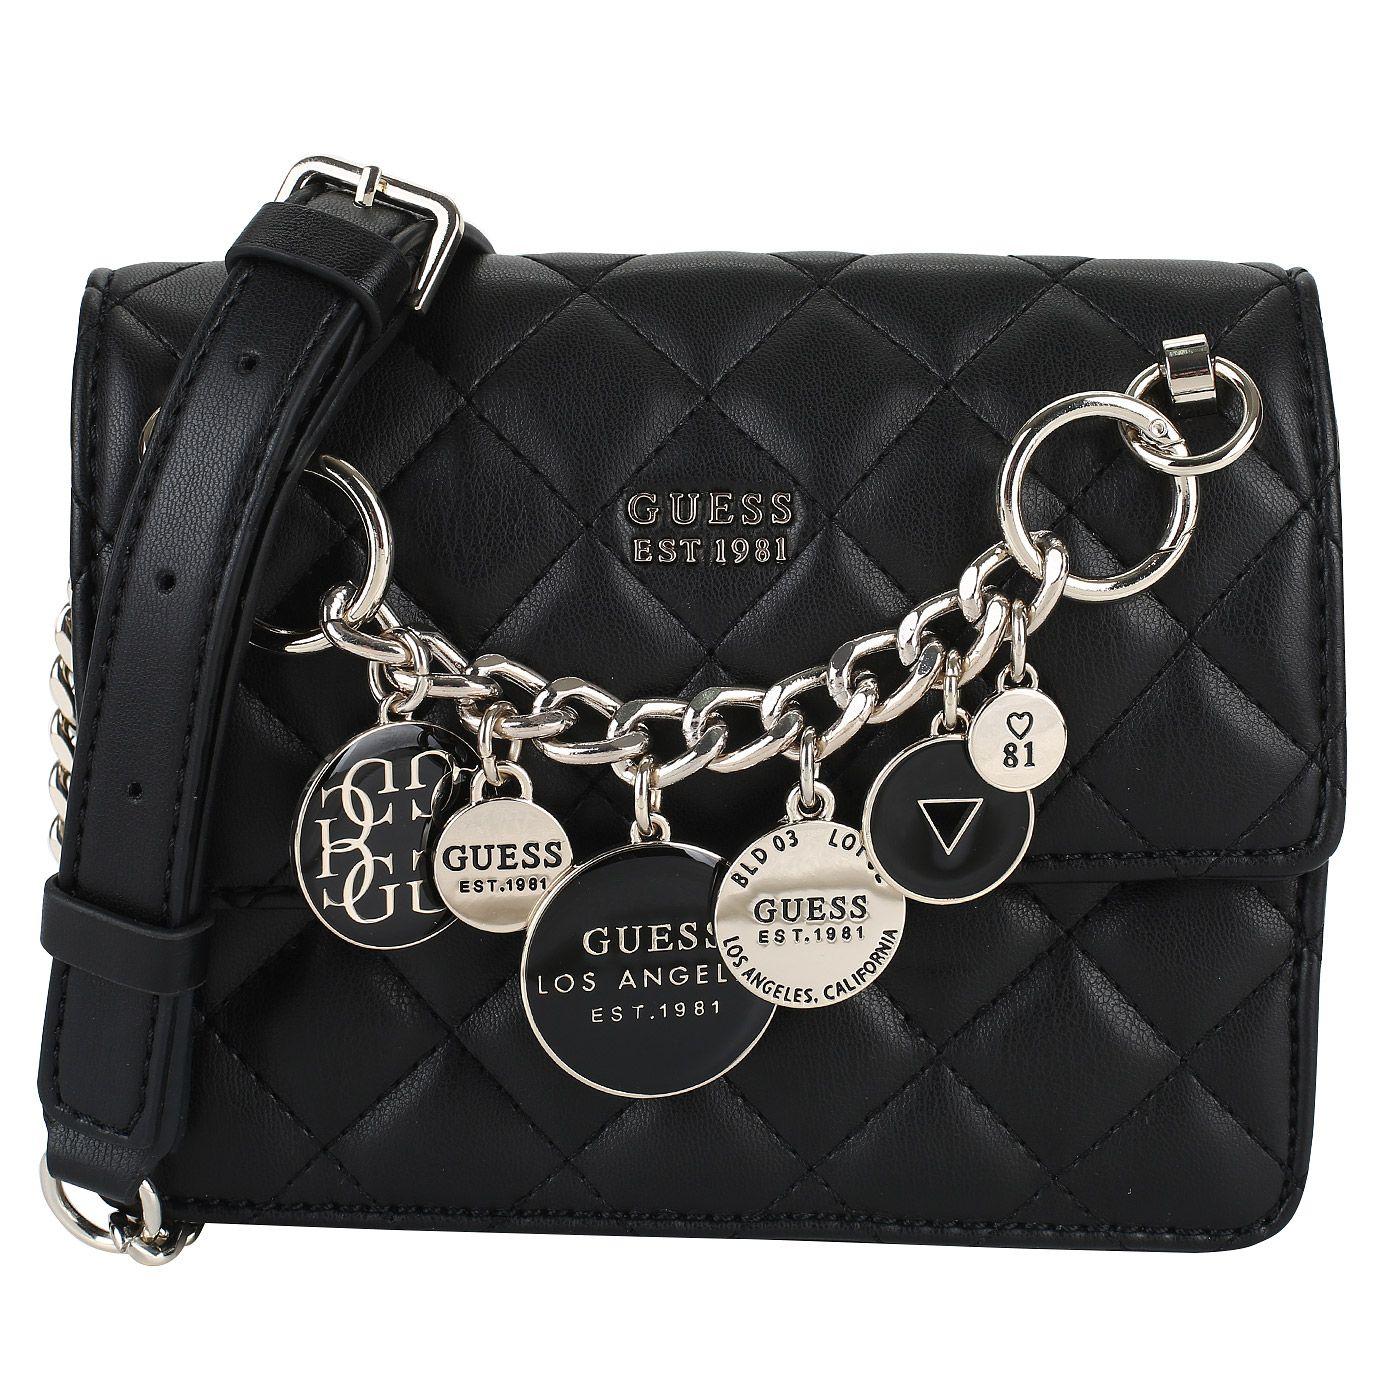 0728703f Черная сумочка через плечо Guess Victoria   Новинки. Сумки 2019 ...